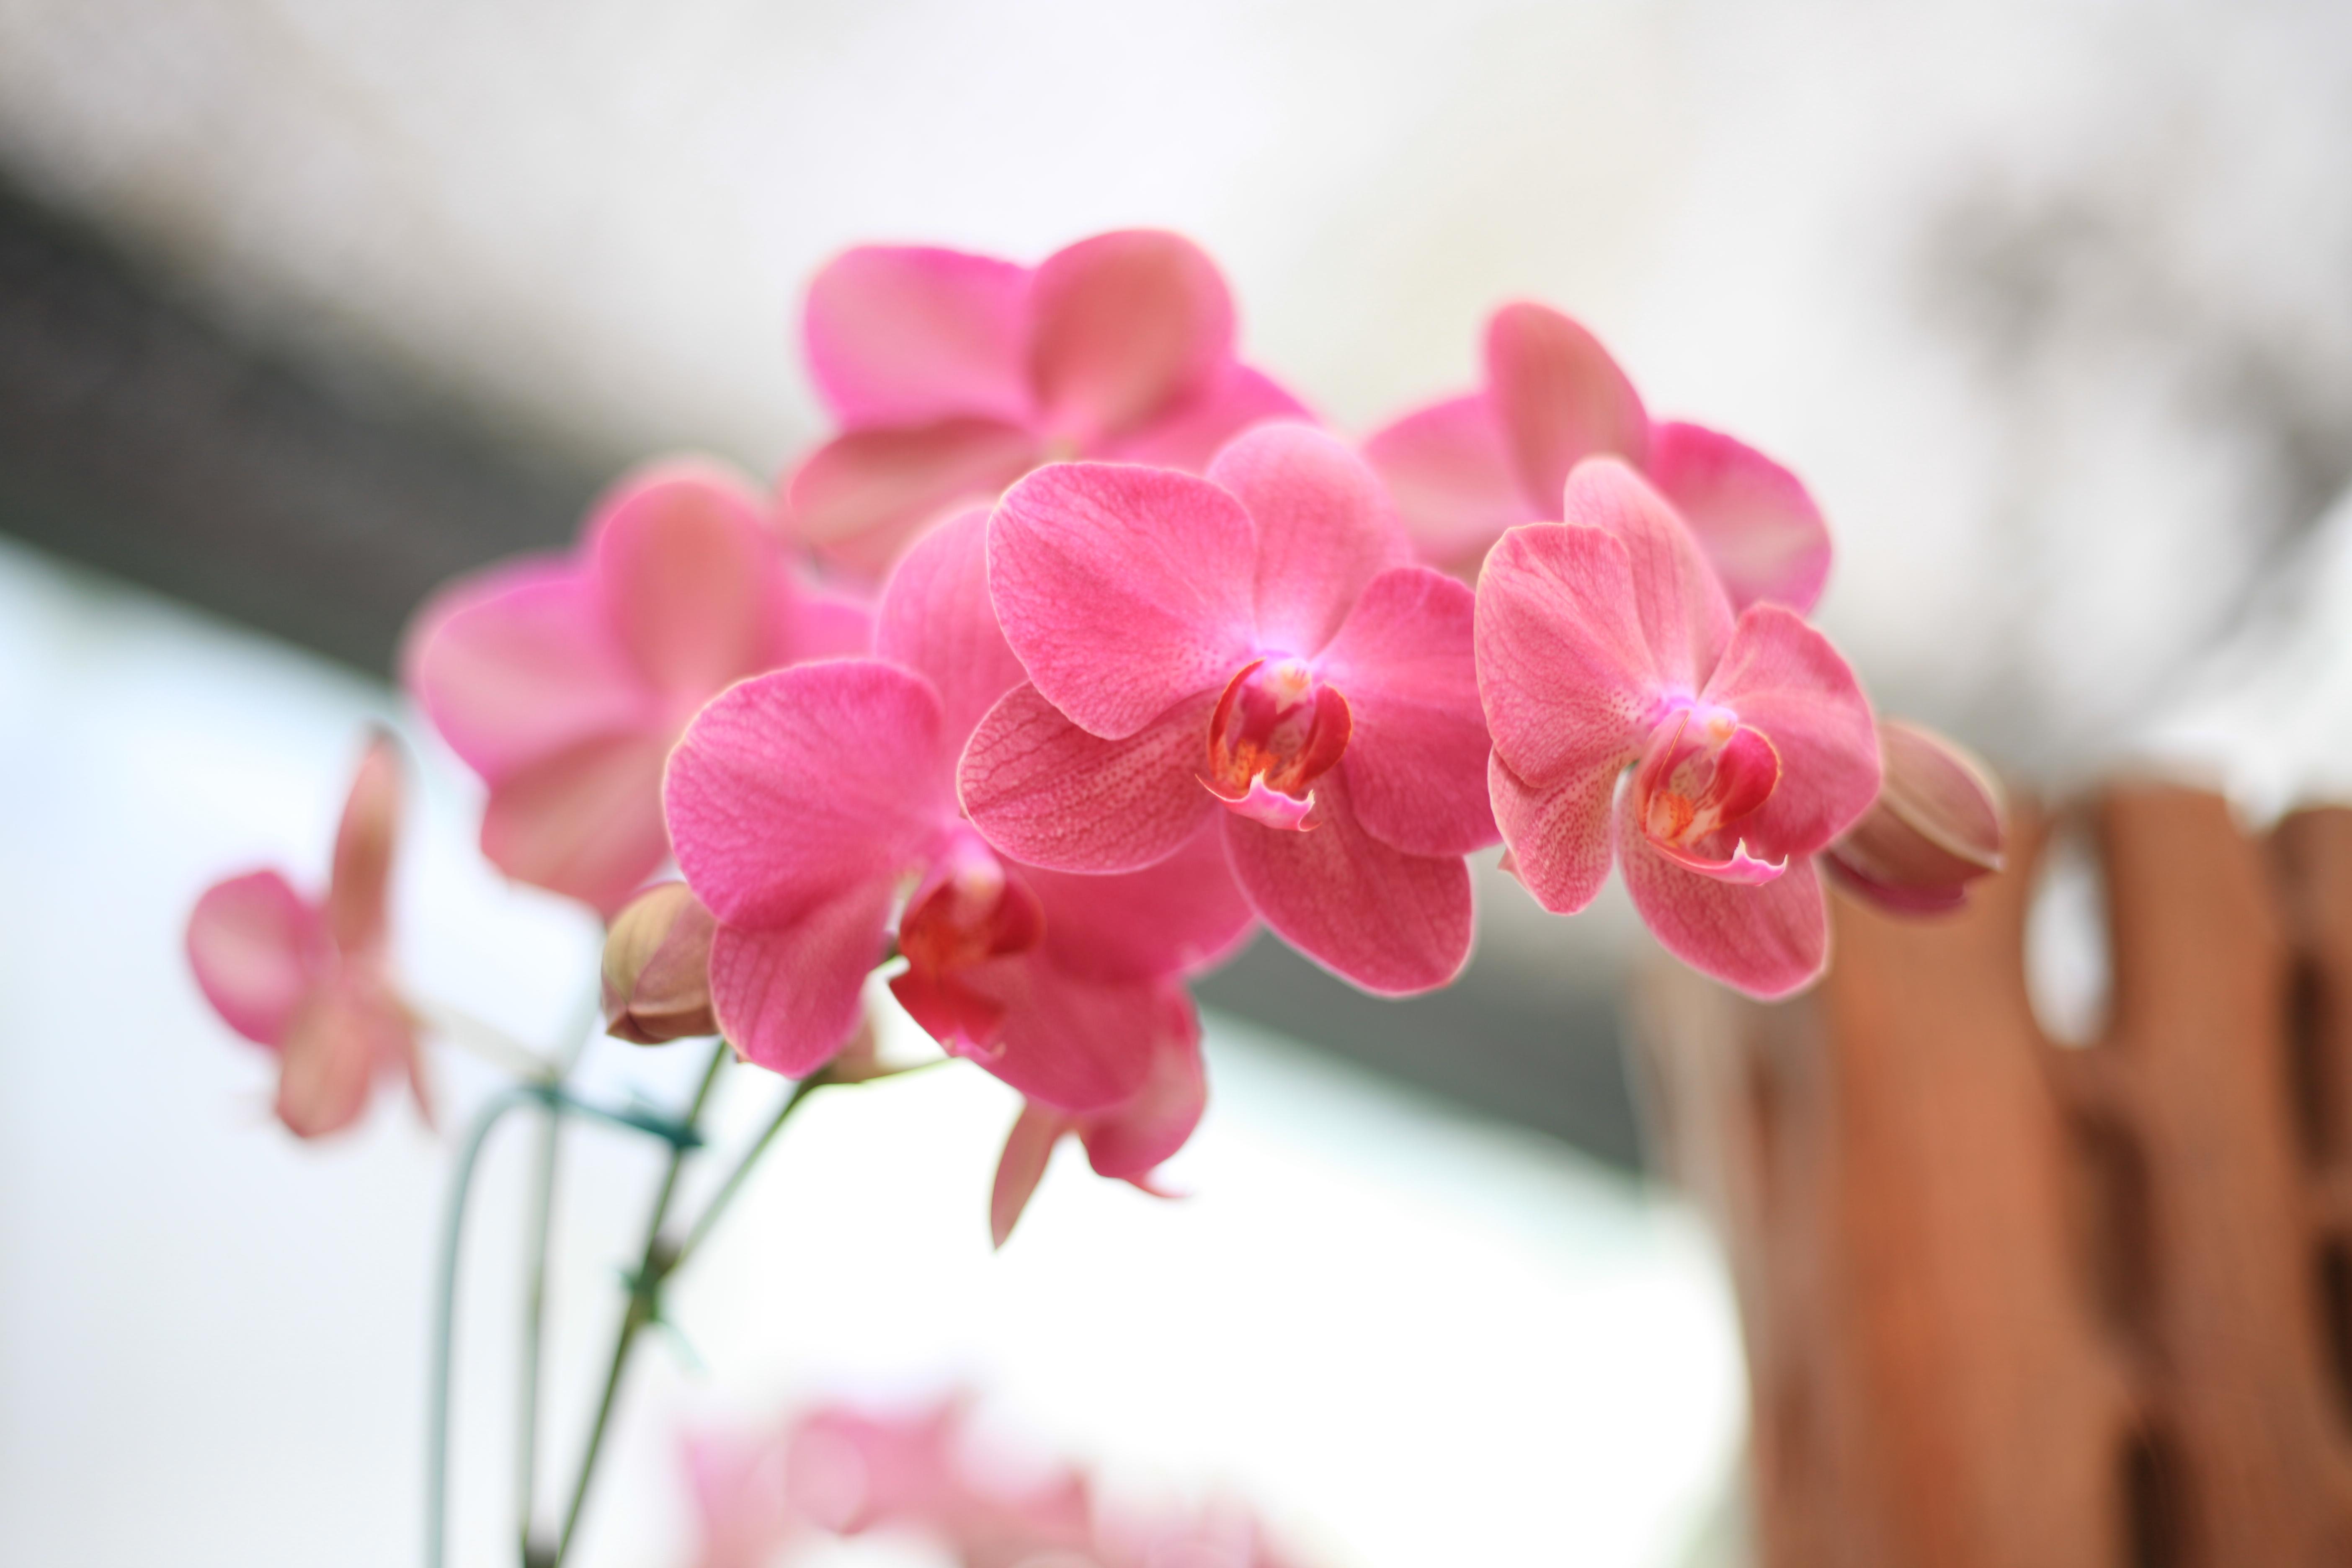 foto de Images Gratuites : rose, pétale, plante à fleurs, printemps ...